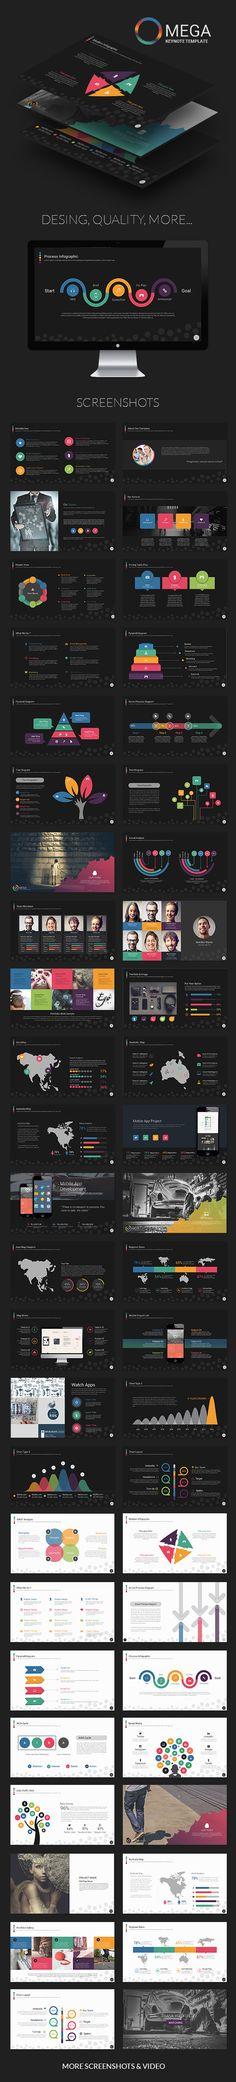 Omega Keynote Template #slides #design Download: http://graphicriver.net/item/omega-keynote-template/11781301?ref=ksioks